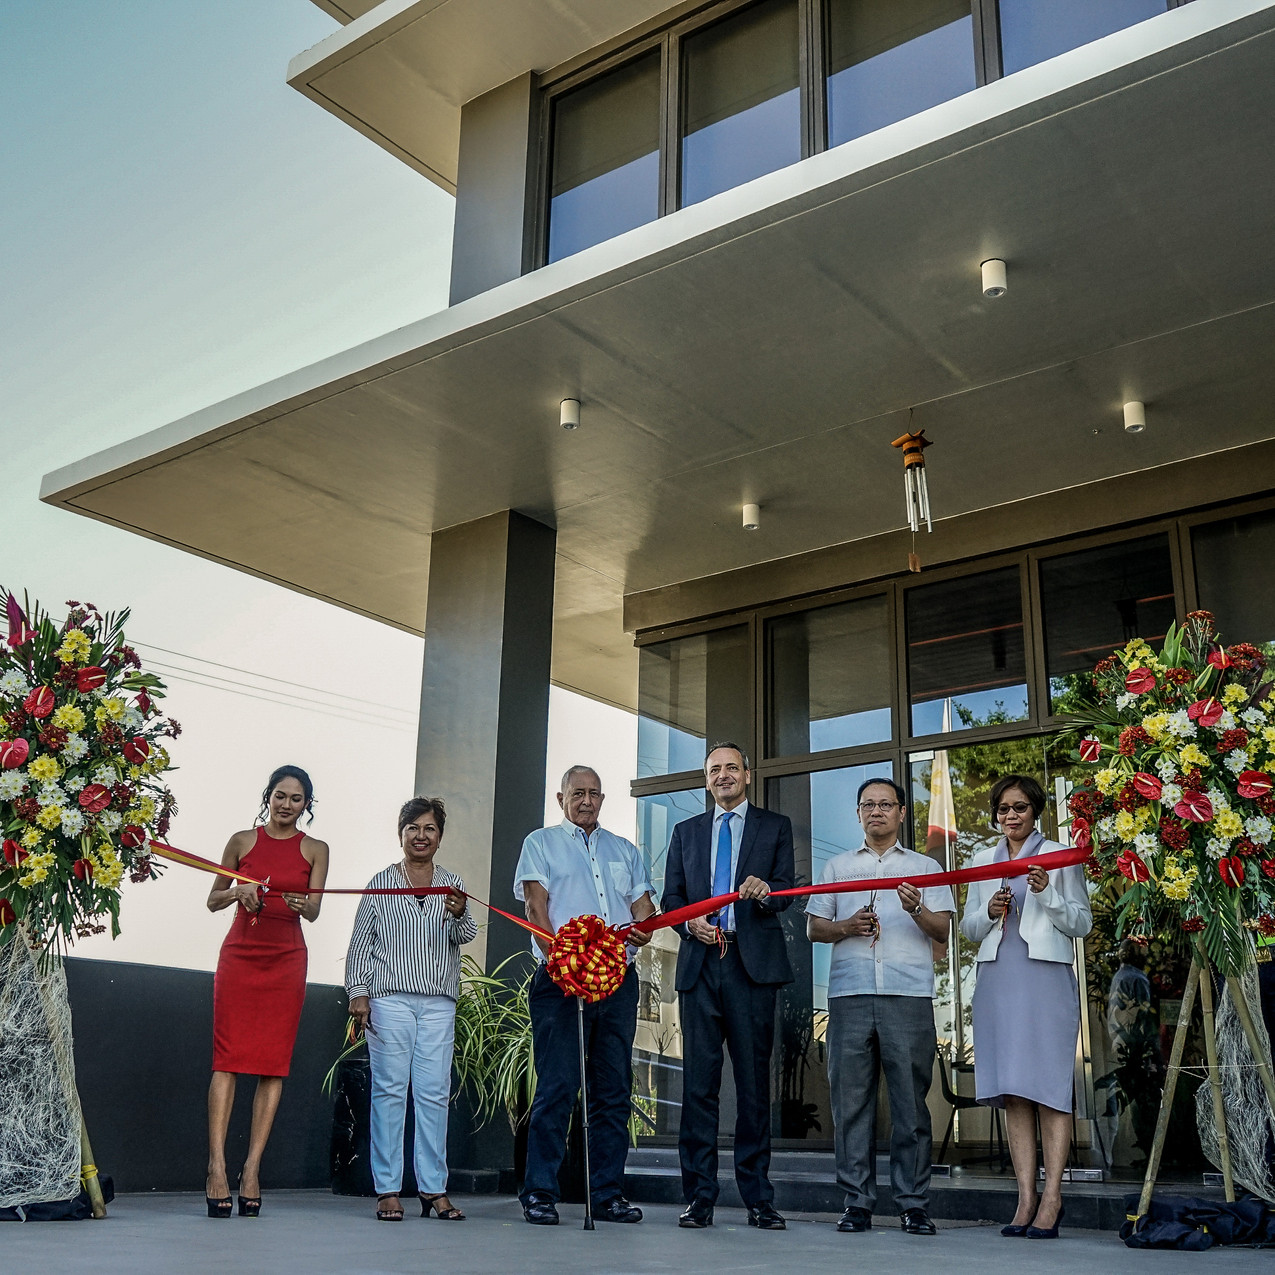 From left (Gianna Kessler, Pacita Kessler, Horst Kessler, Ambassador Kricke, Philip Soliven, Lenie Bermudez)